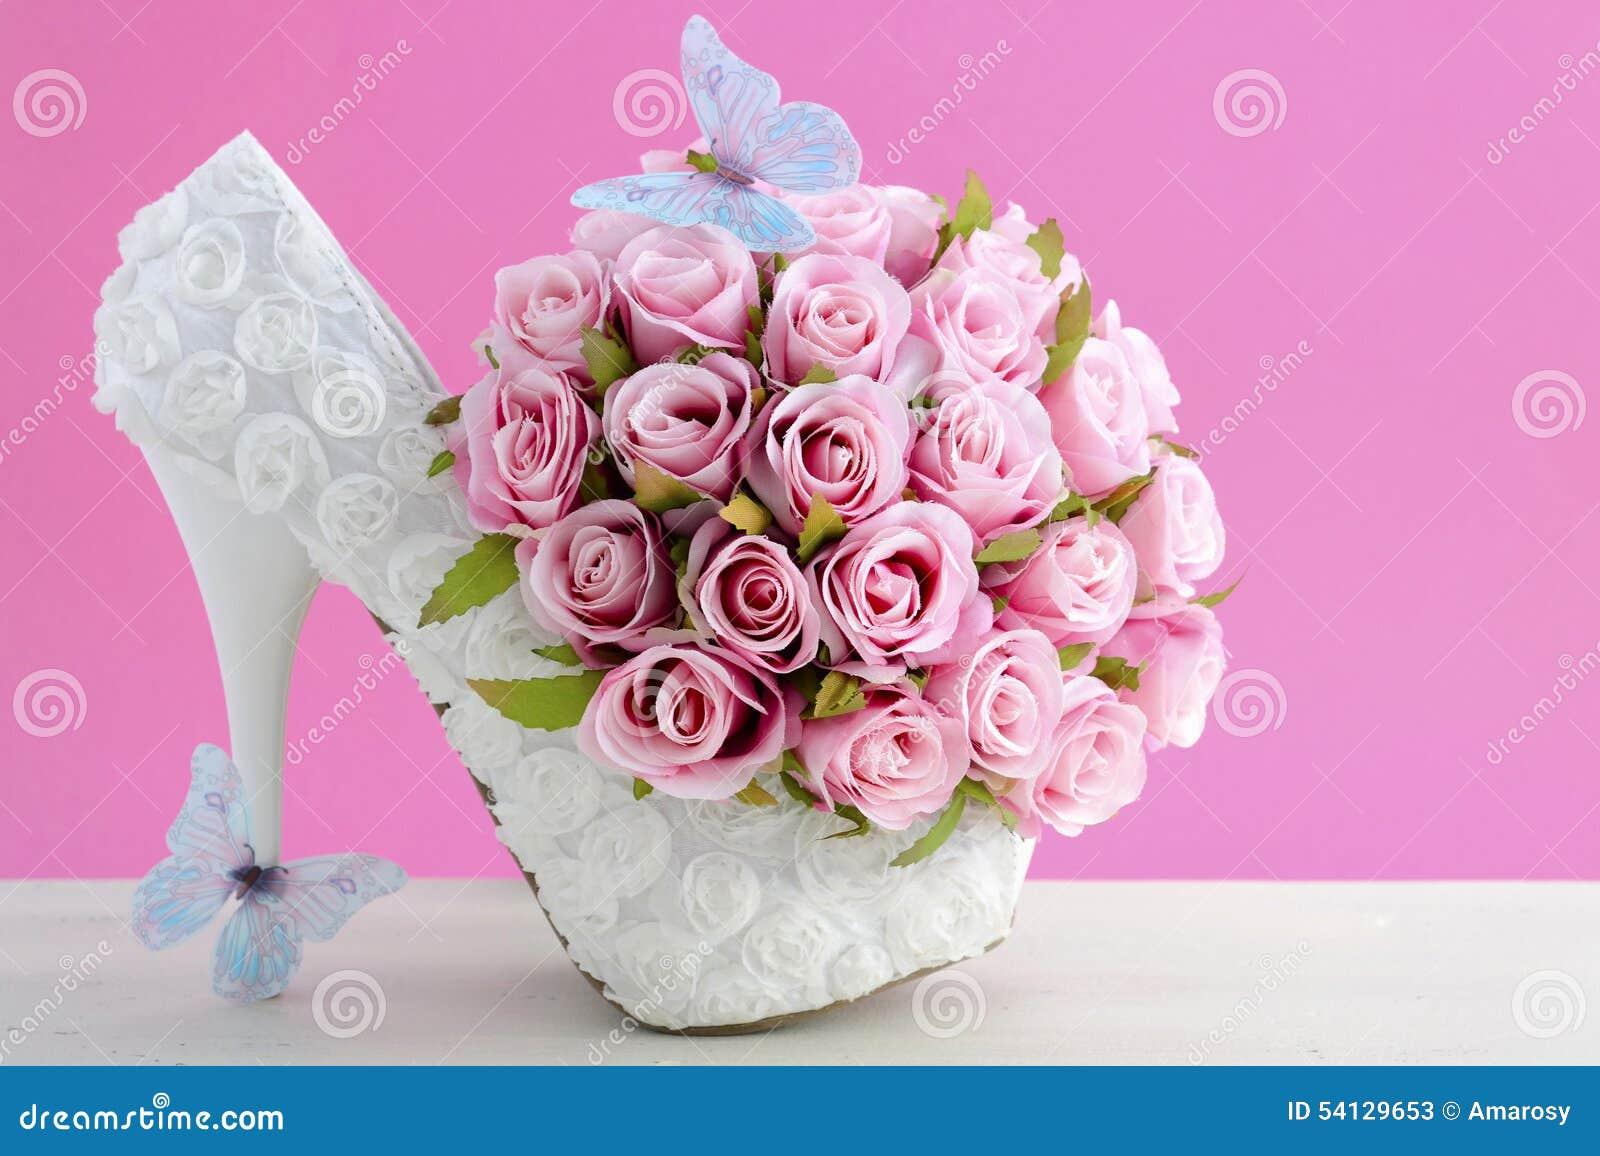 White Theme Wedding Images Wedding Decoration Ideas